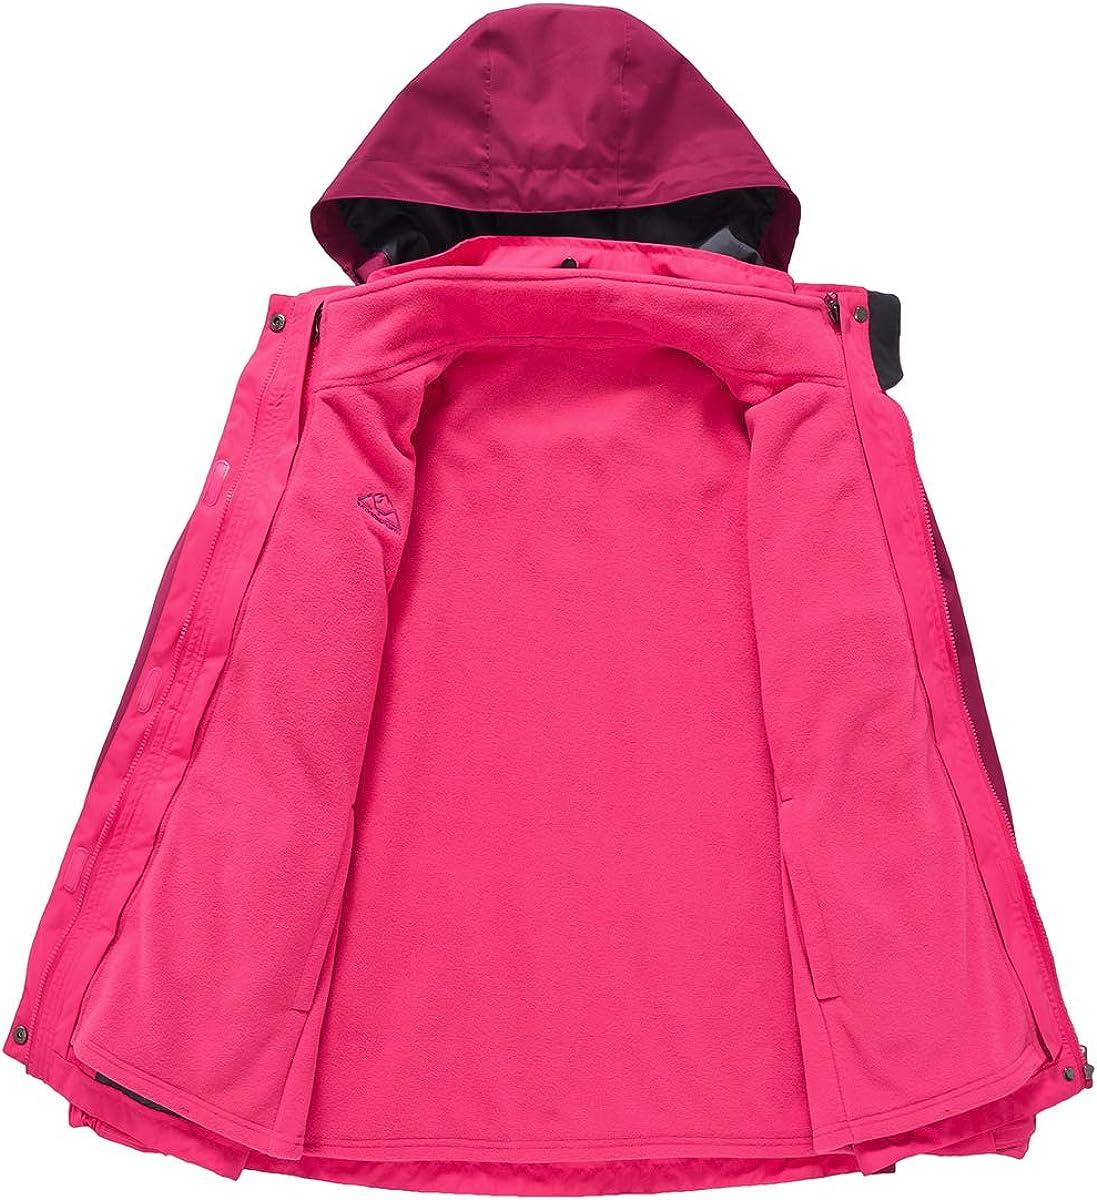 donhobo Damen Outdoor 3-in-1 Skijacke mit Fleecejacke wasserdichte Regenjacke Winddicht Warm Winterjacke Doppeljacke Funktionsjacke mit Abnehmbare Kapuze Rosa